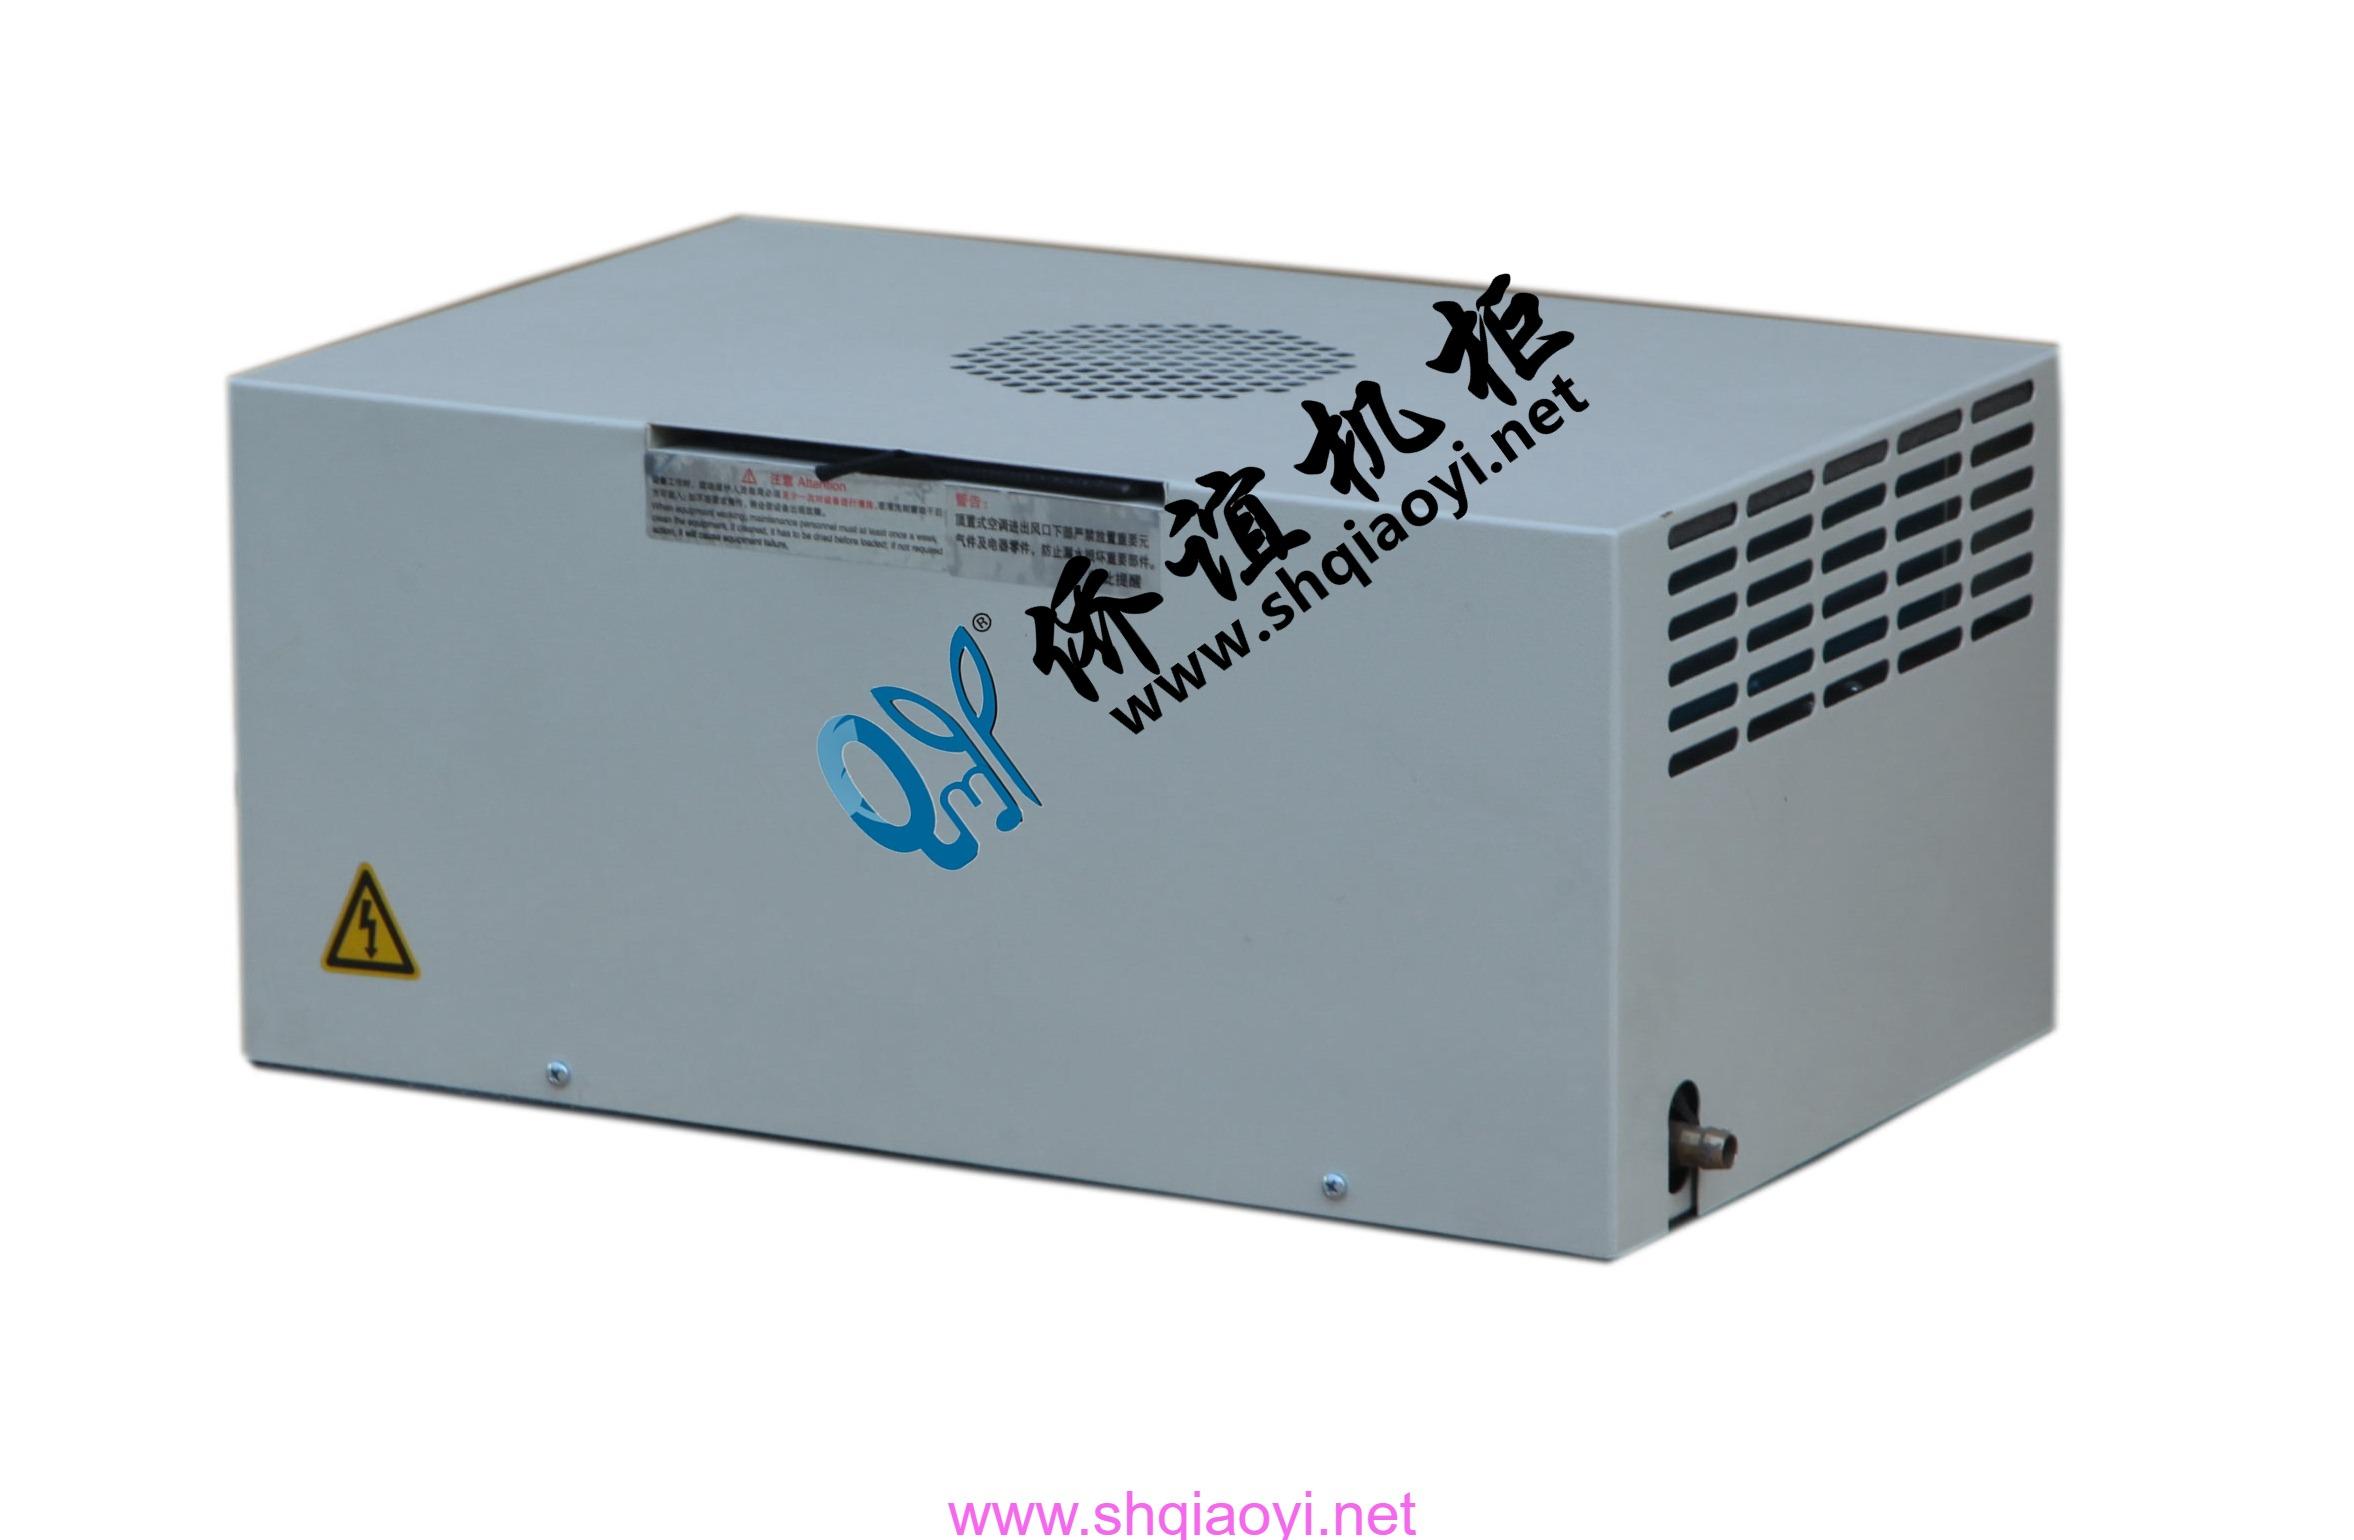 顶装配电柜空调QYDEA600